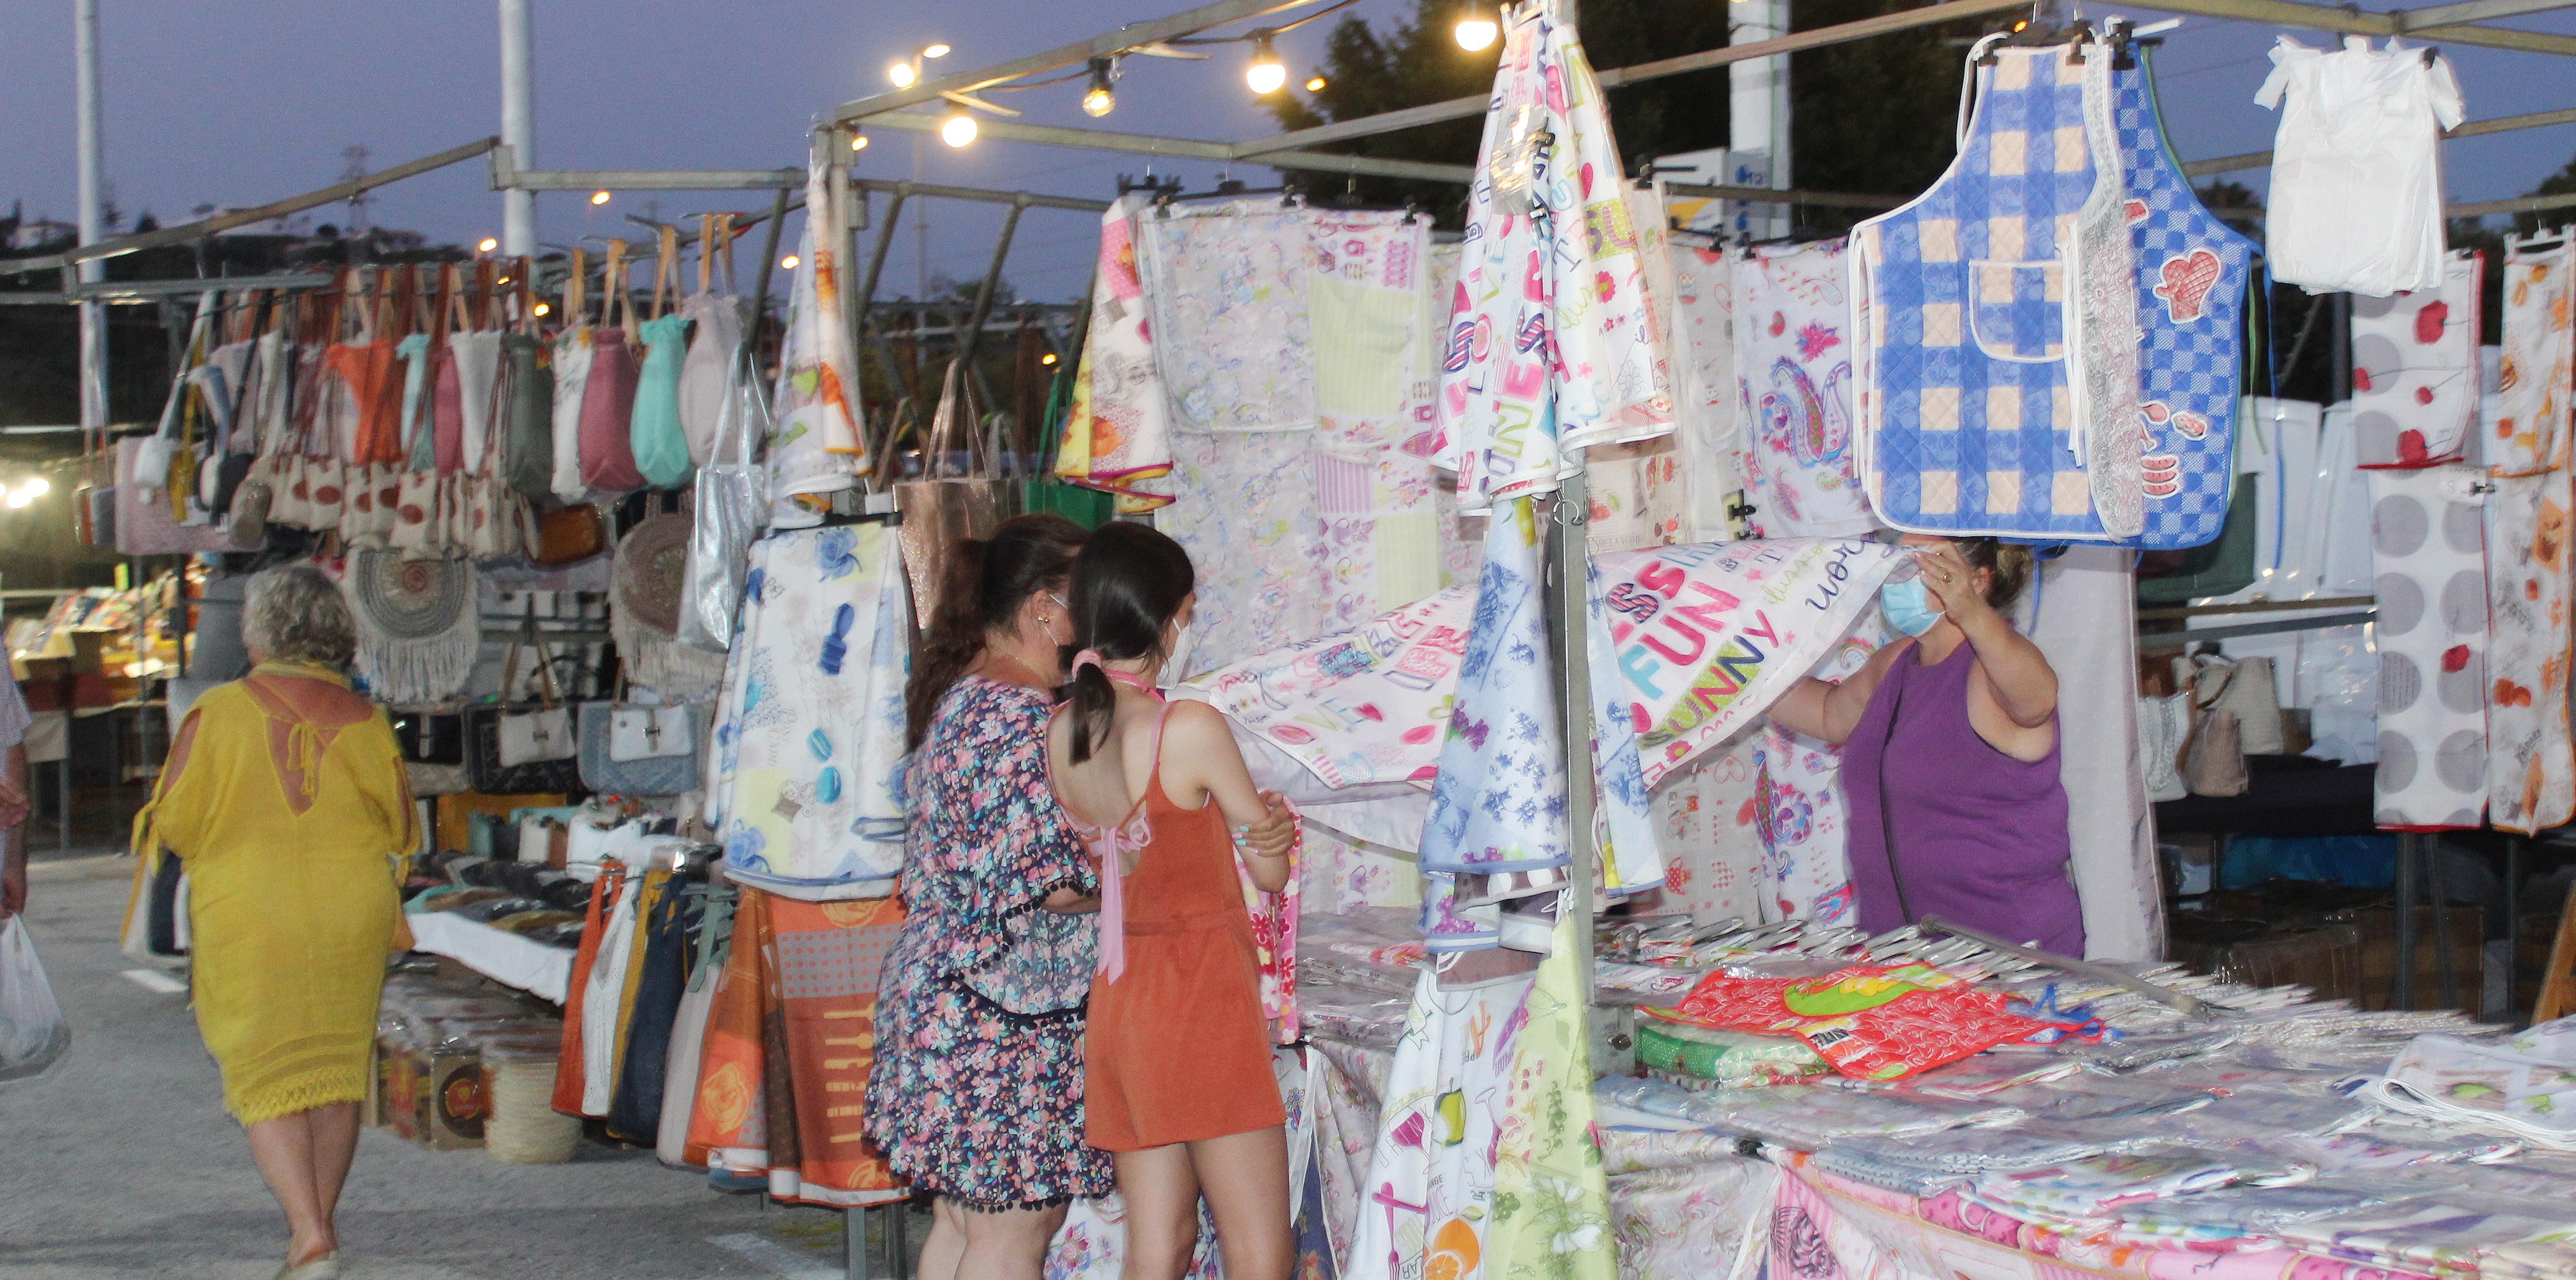 Buena acogida del mercadillo nocturno de verano en La Cala en su segundo día de apertura